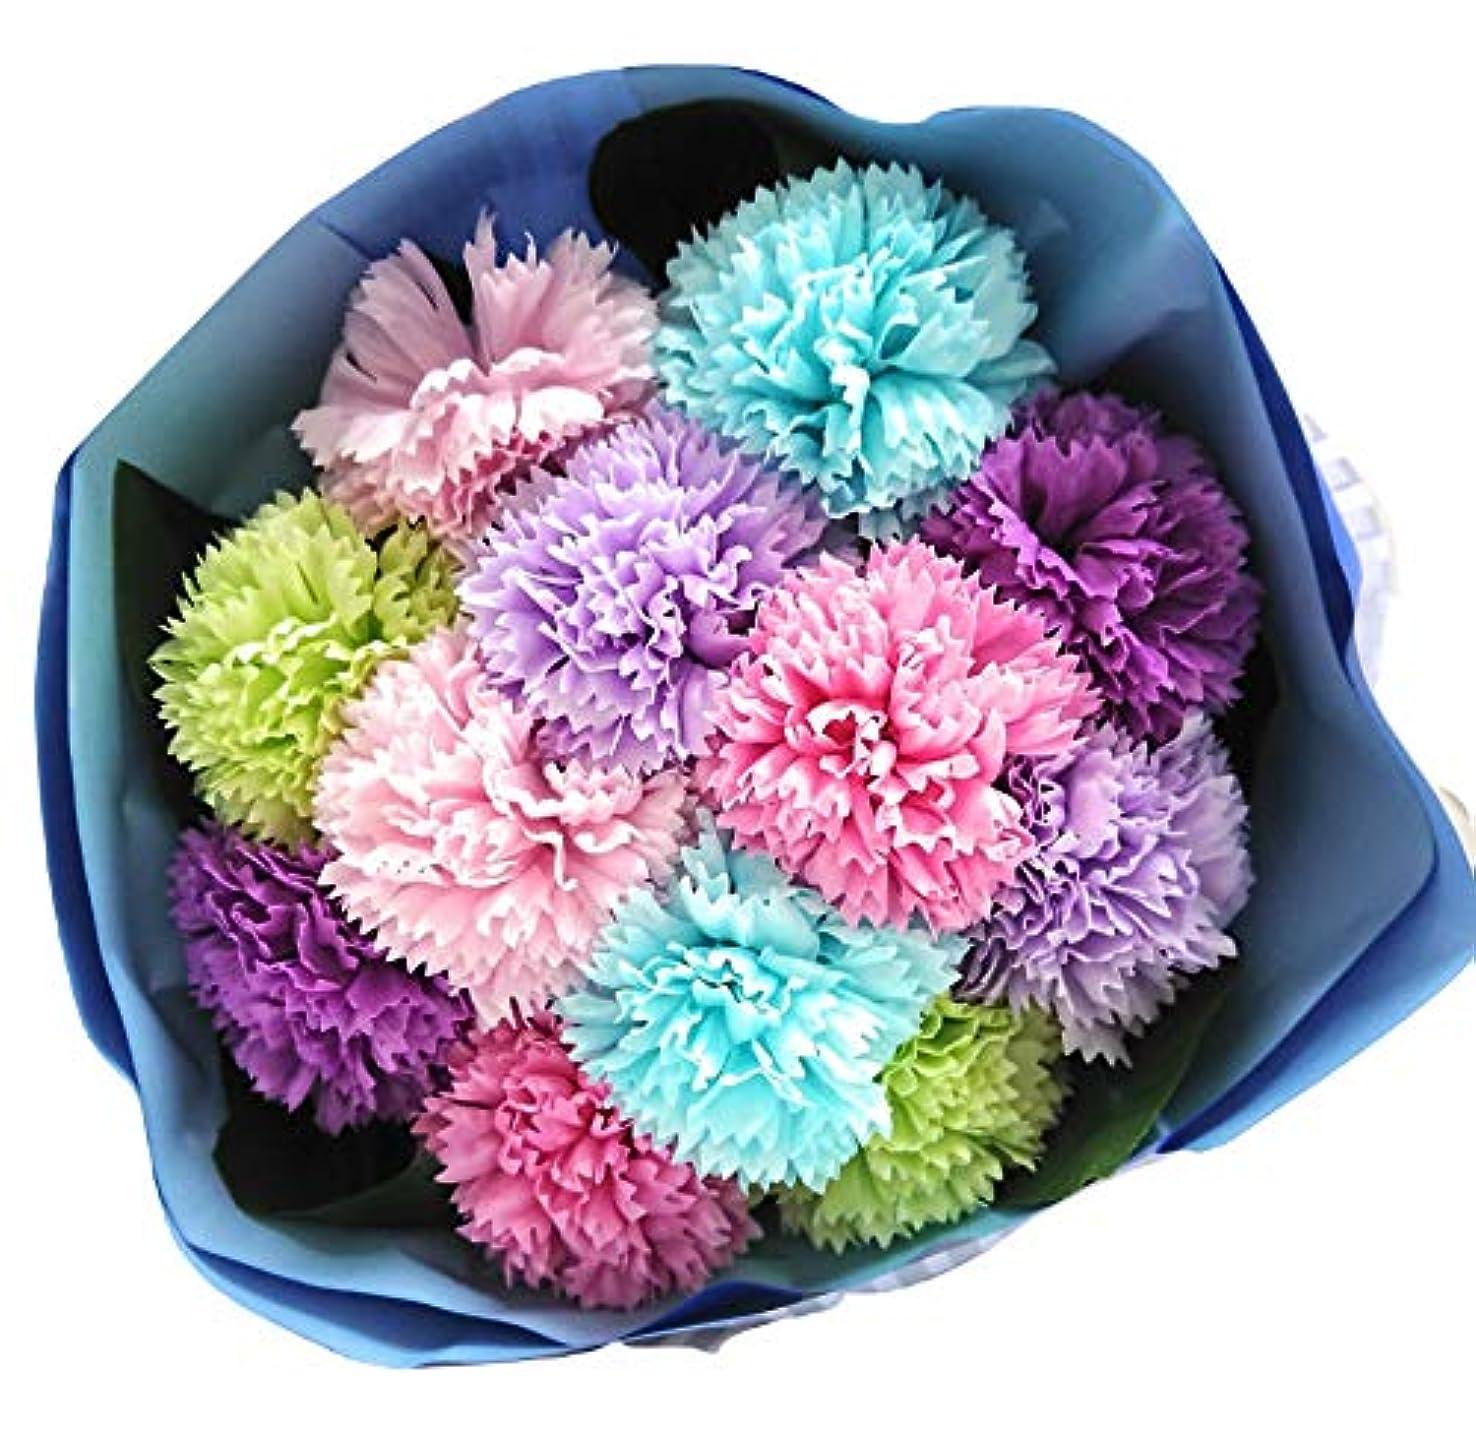 好意的いとこ看板バスフレグランス バスフラワー カーネーションブーケ 母の日 ギフト お花の形の入浴剤 (MIX)